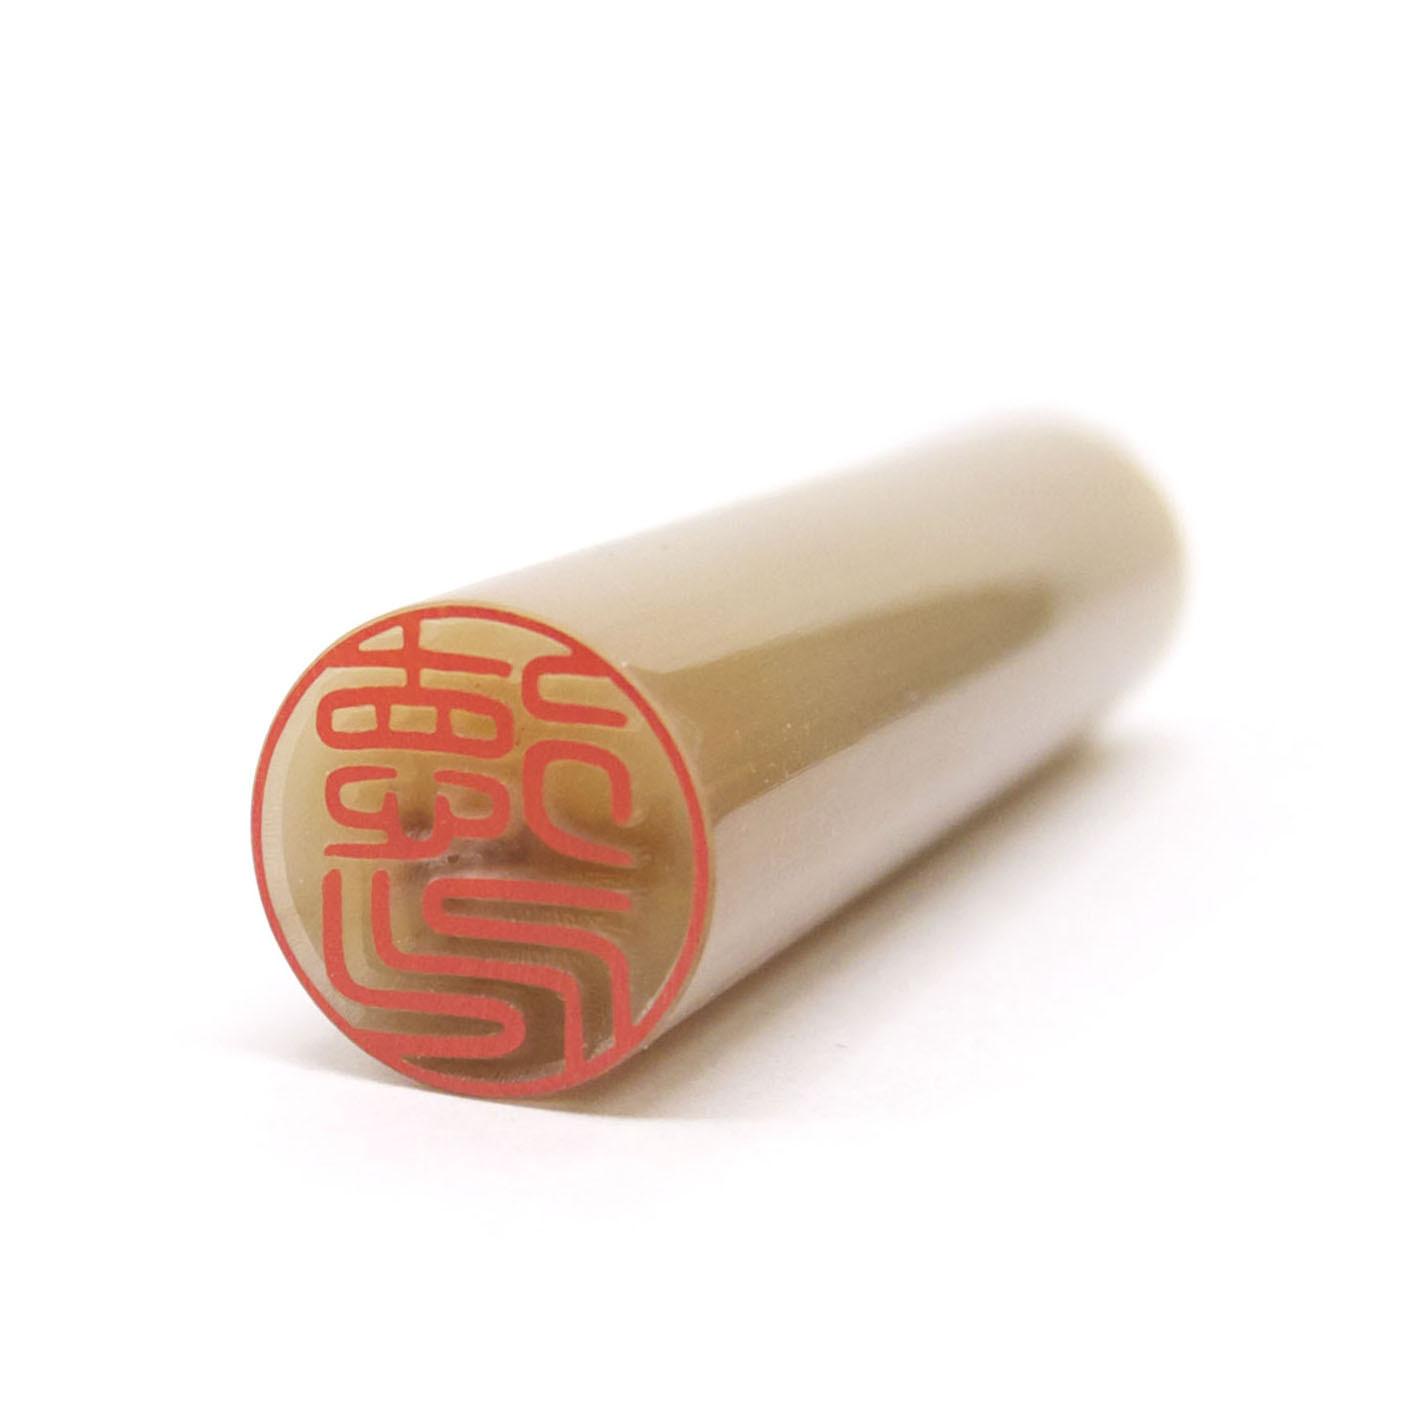 白水牛個人銀行/認印12mm丸(姓または名)